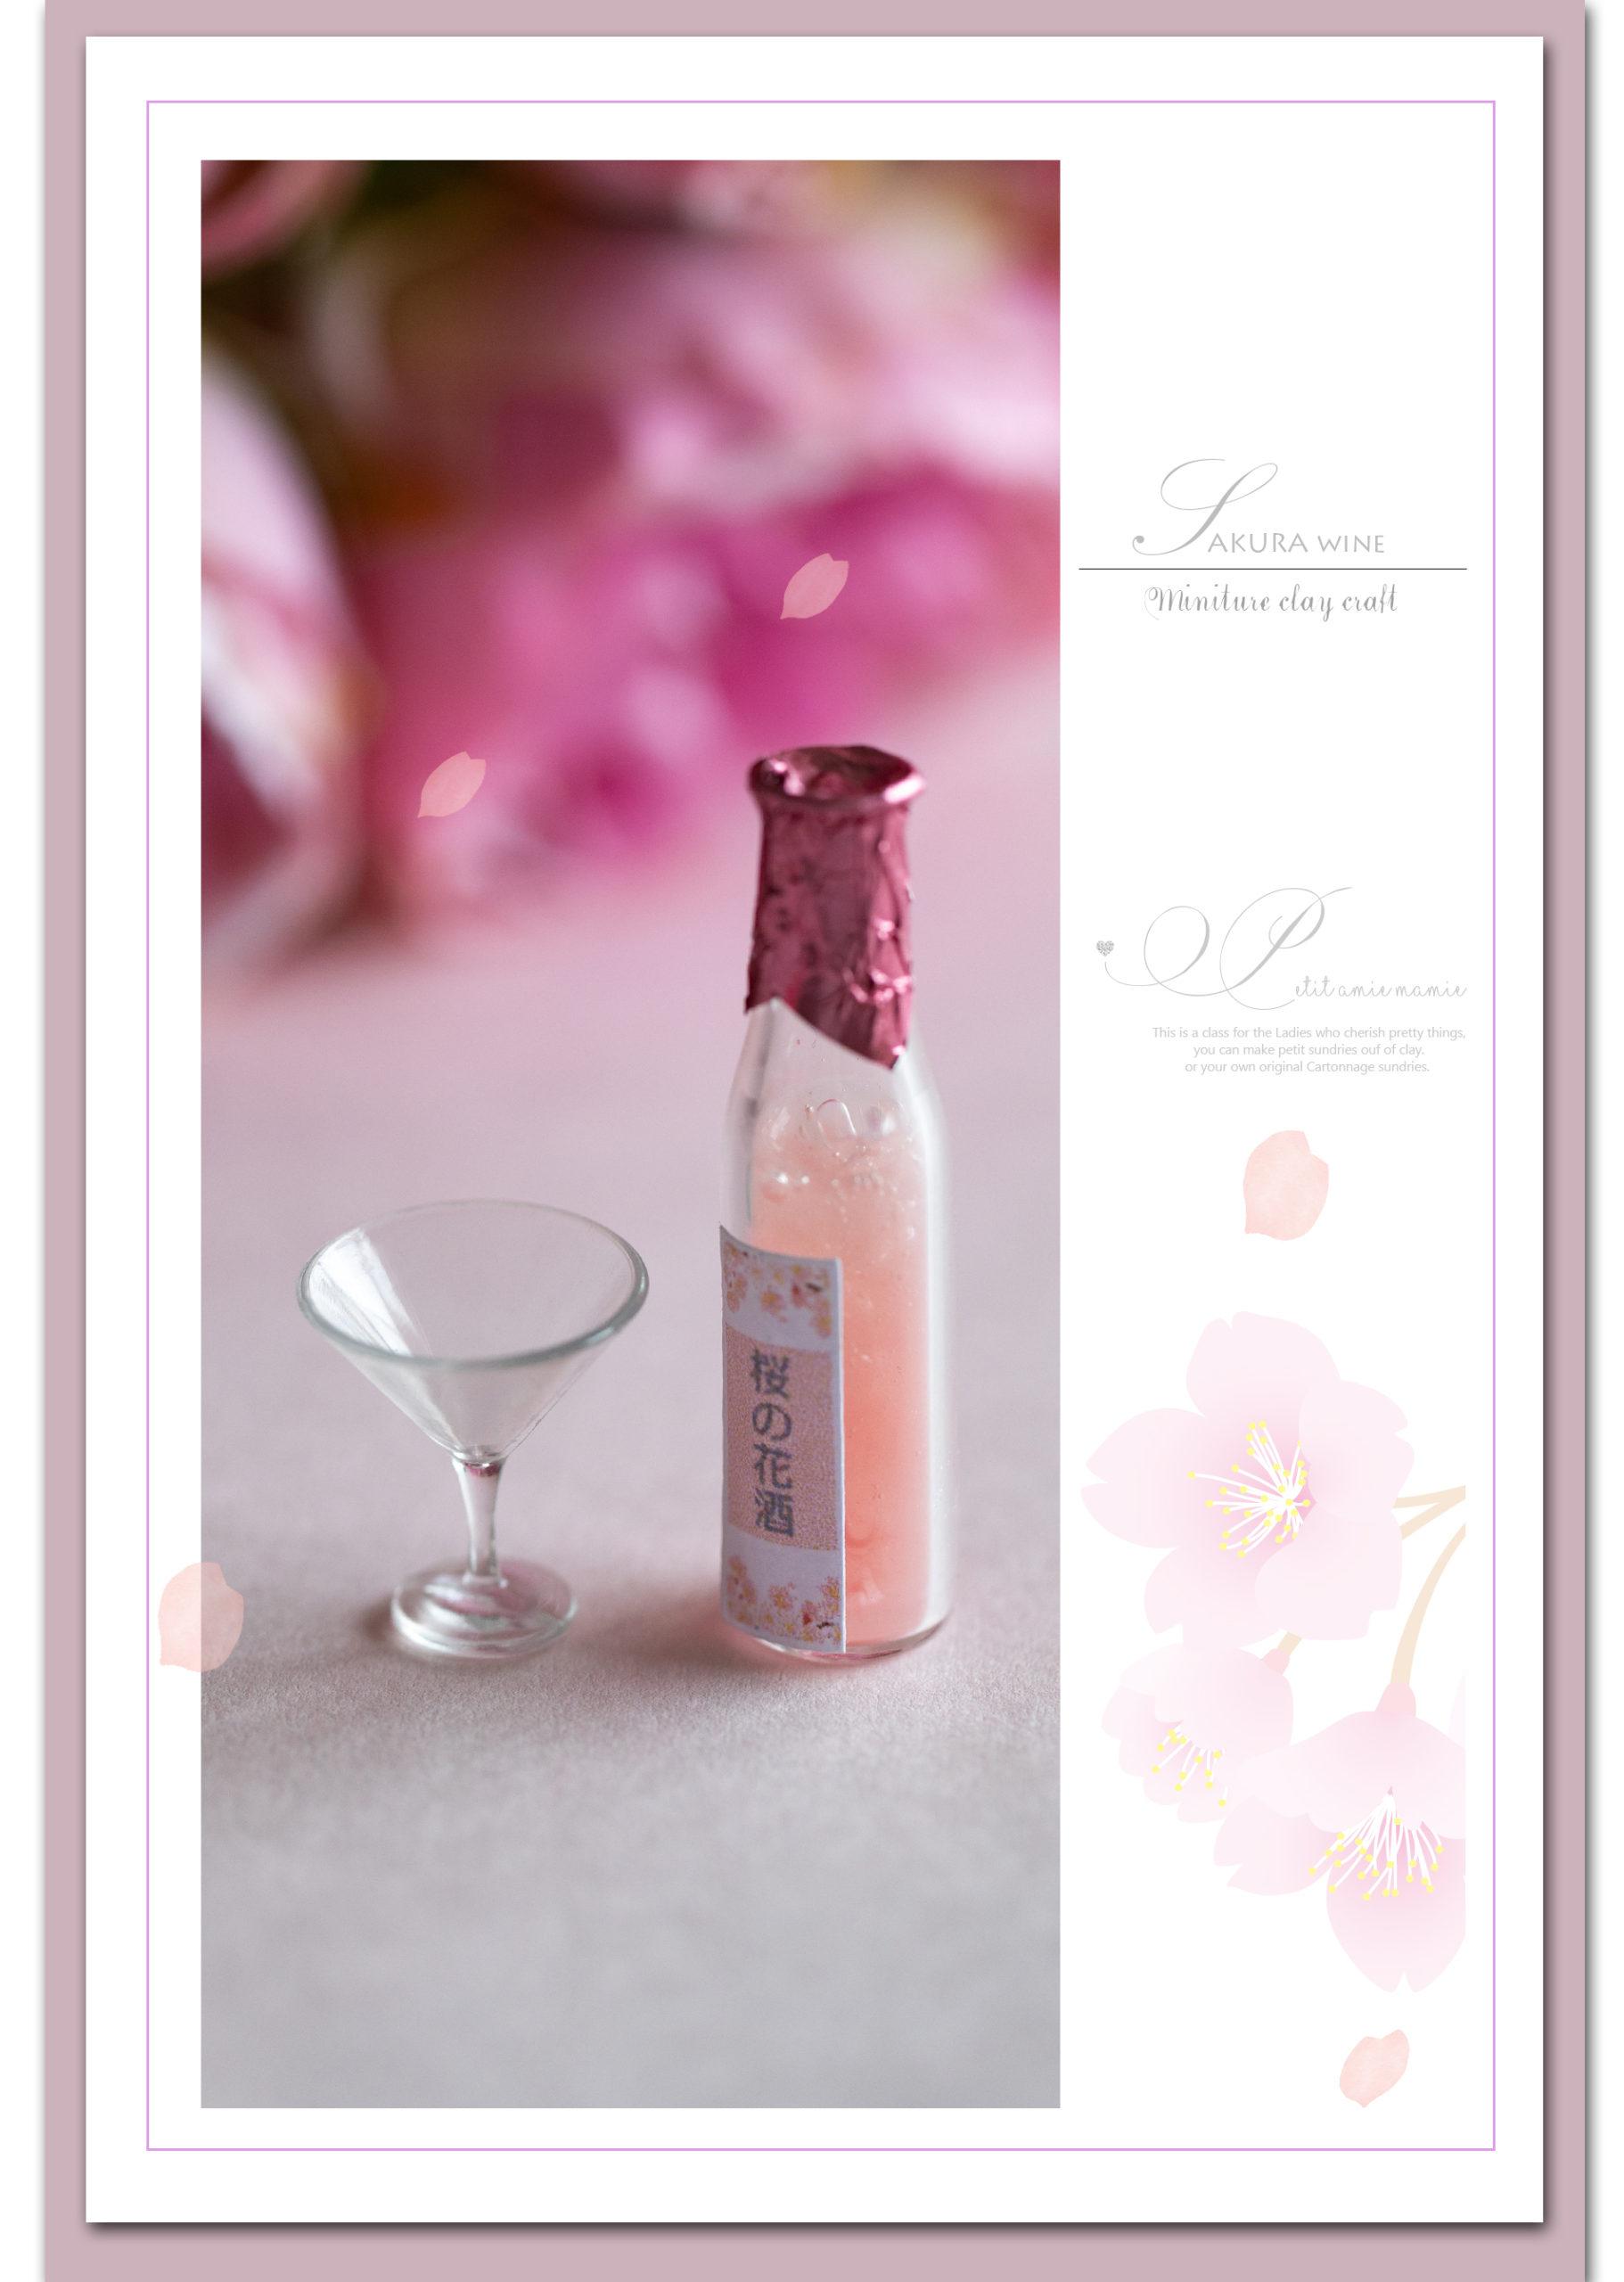 桜スイーツ お酒